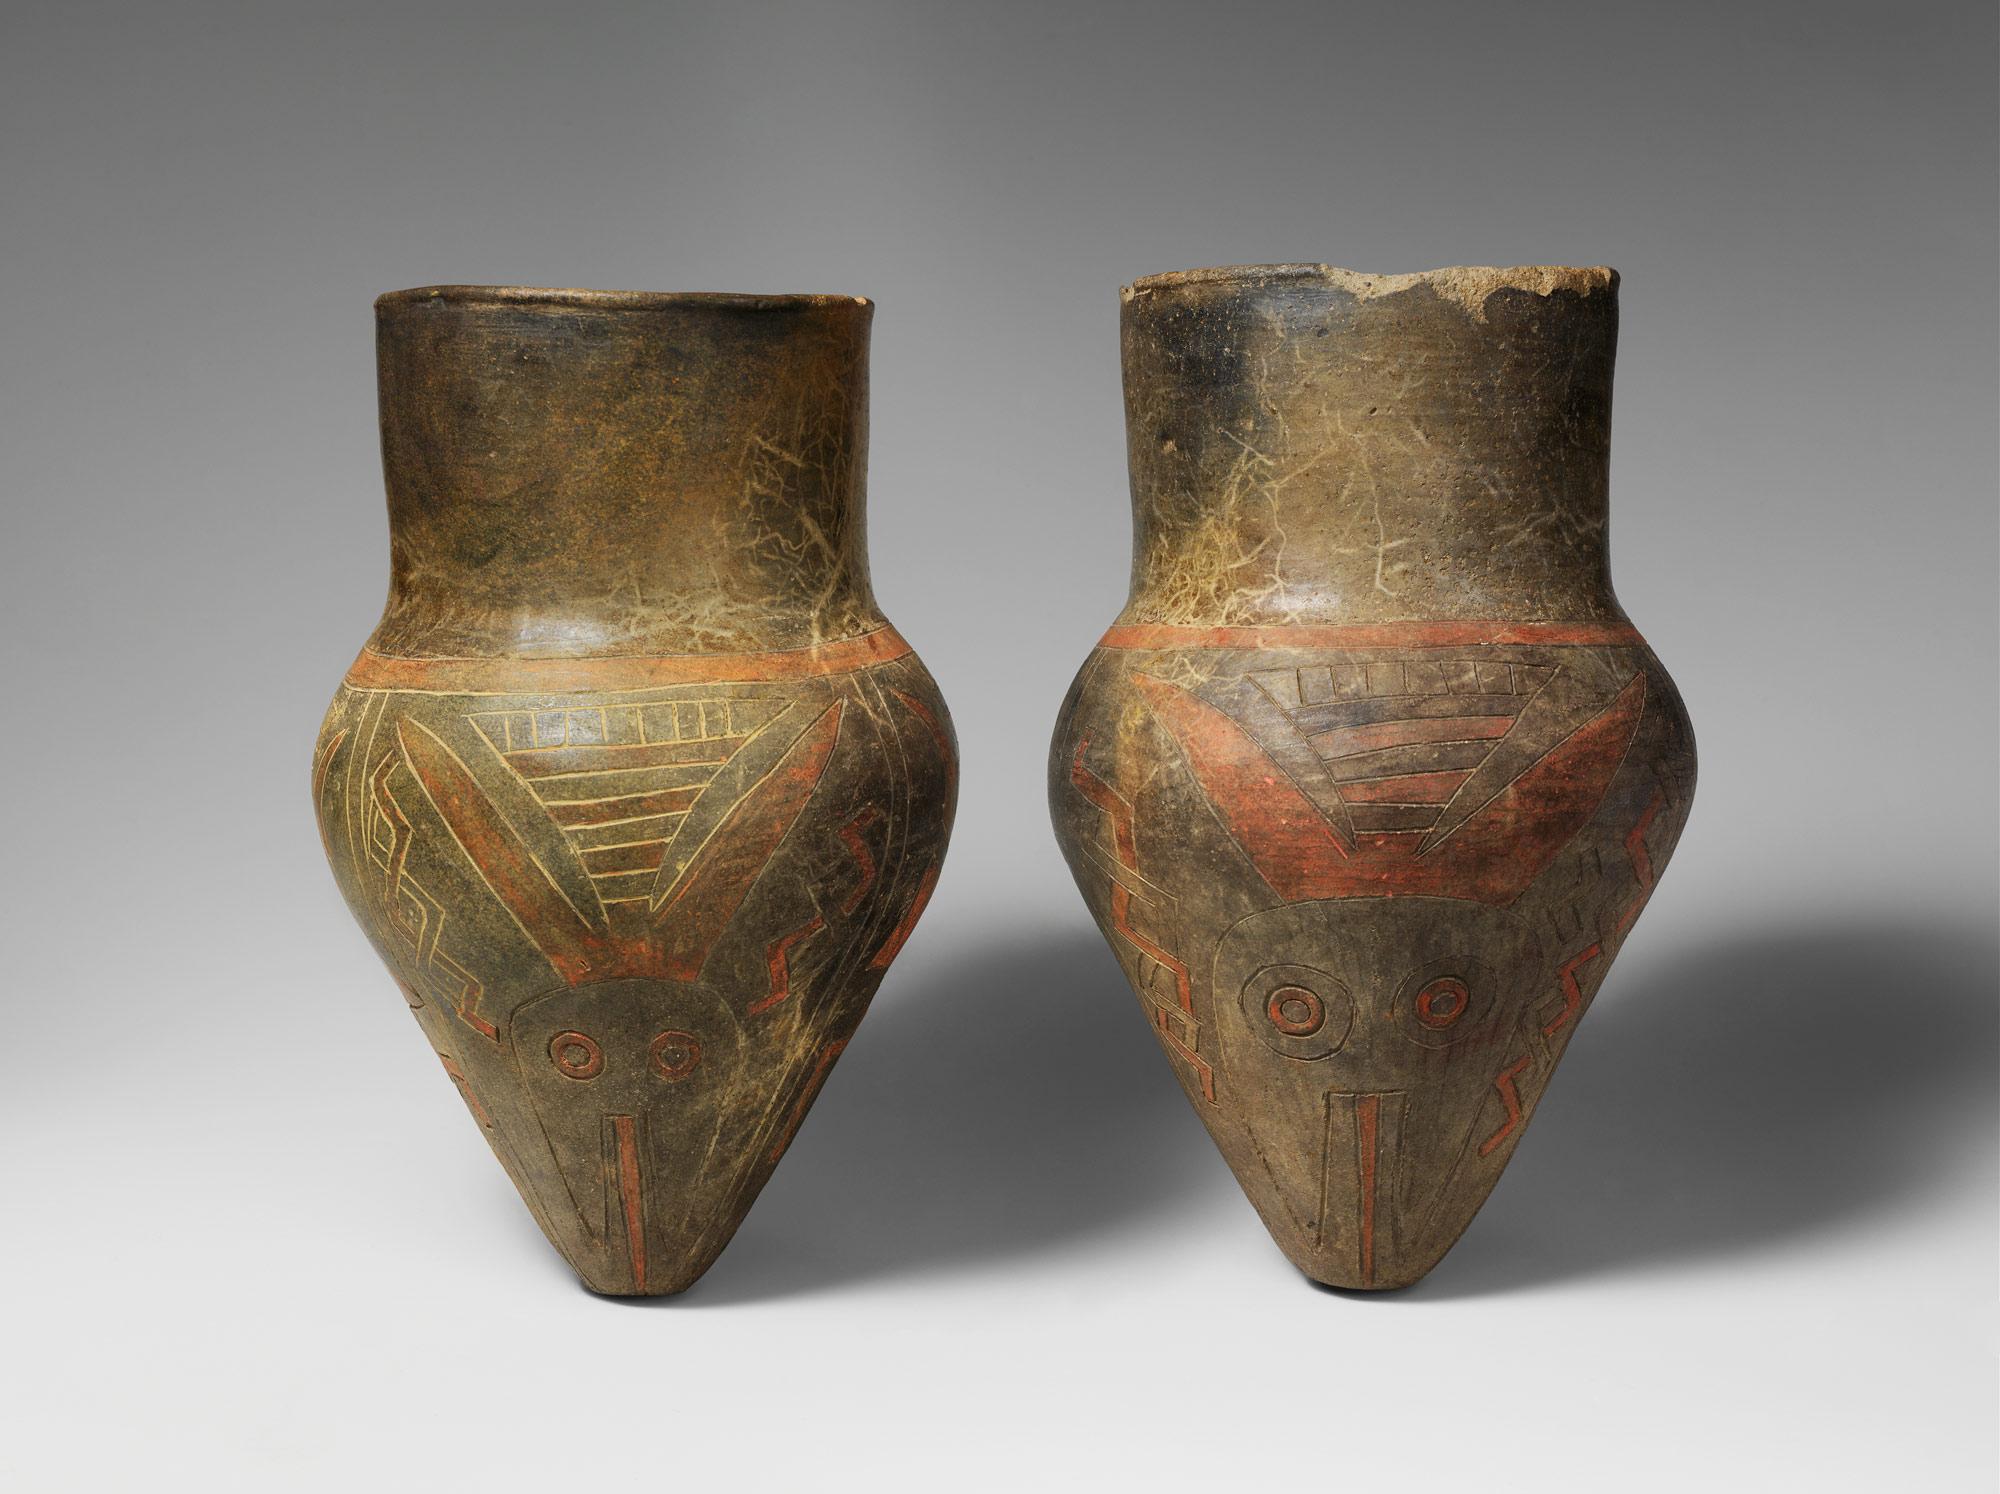 dualism in andean art essay heilbrunn timeline of art history drum drum